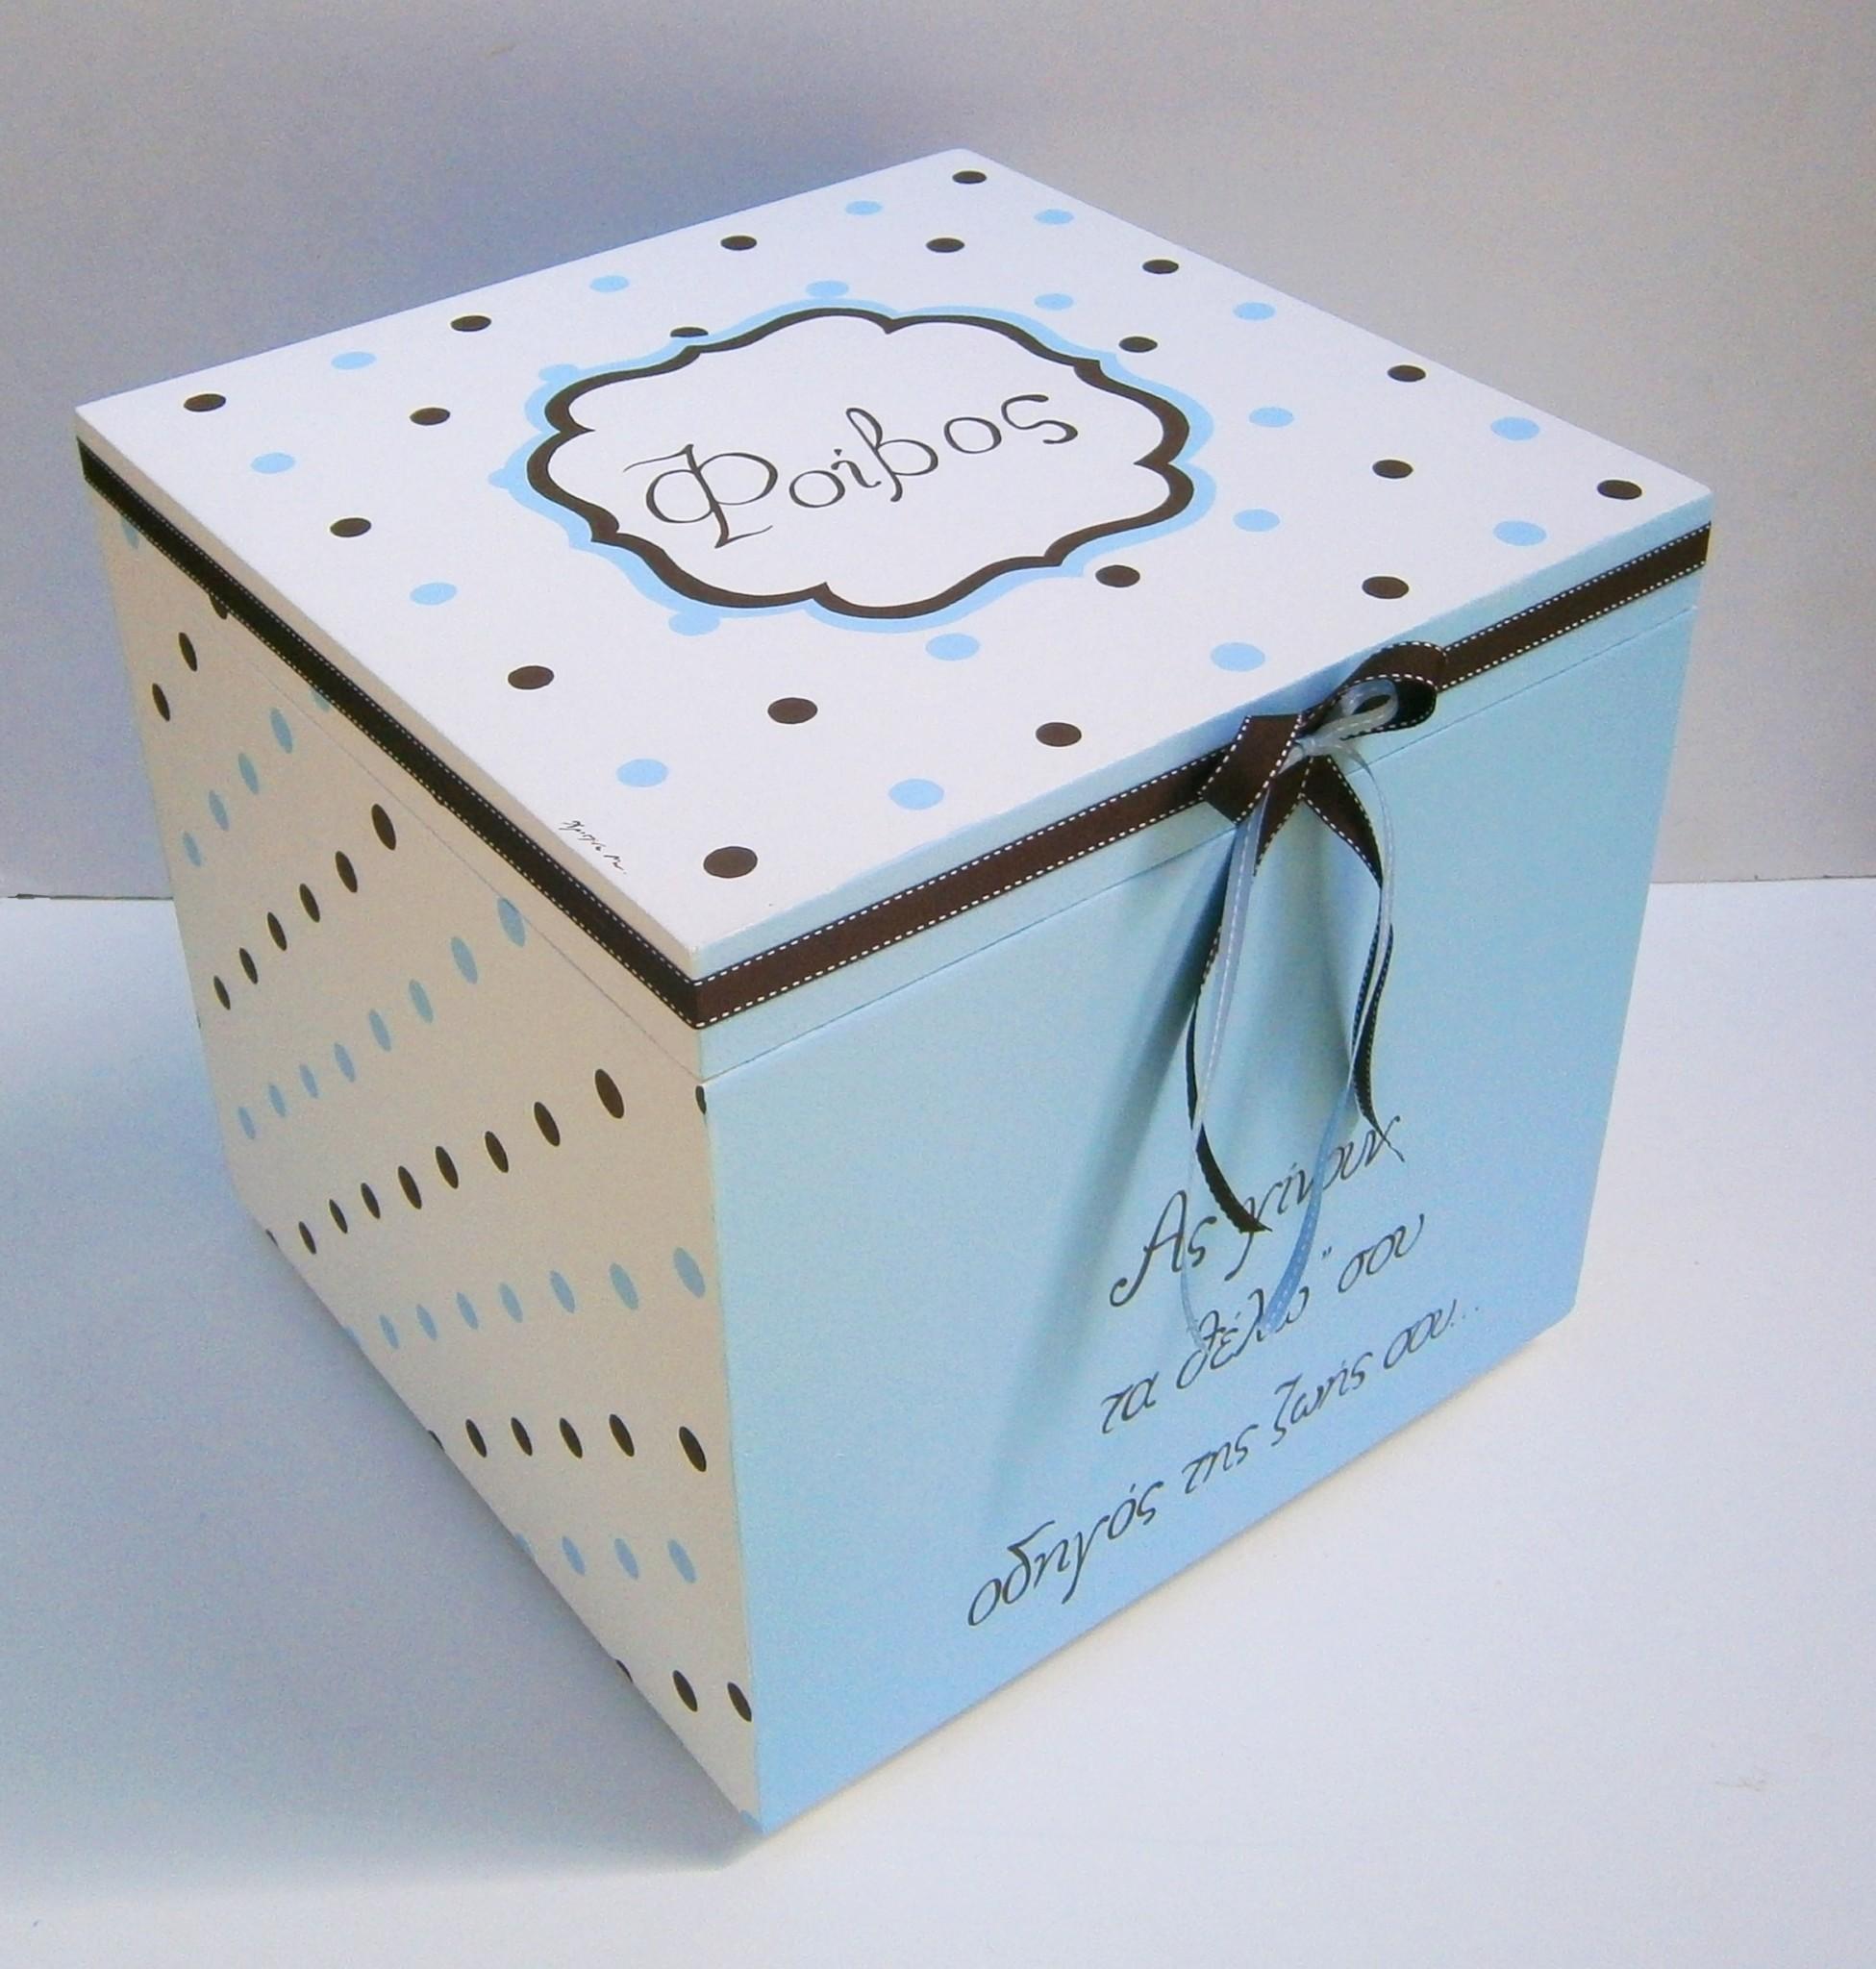 Κουτί βάπτισης σε καφέ γαλάζιο χρώμα VK072